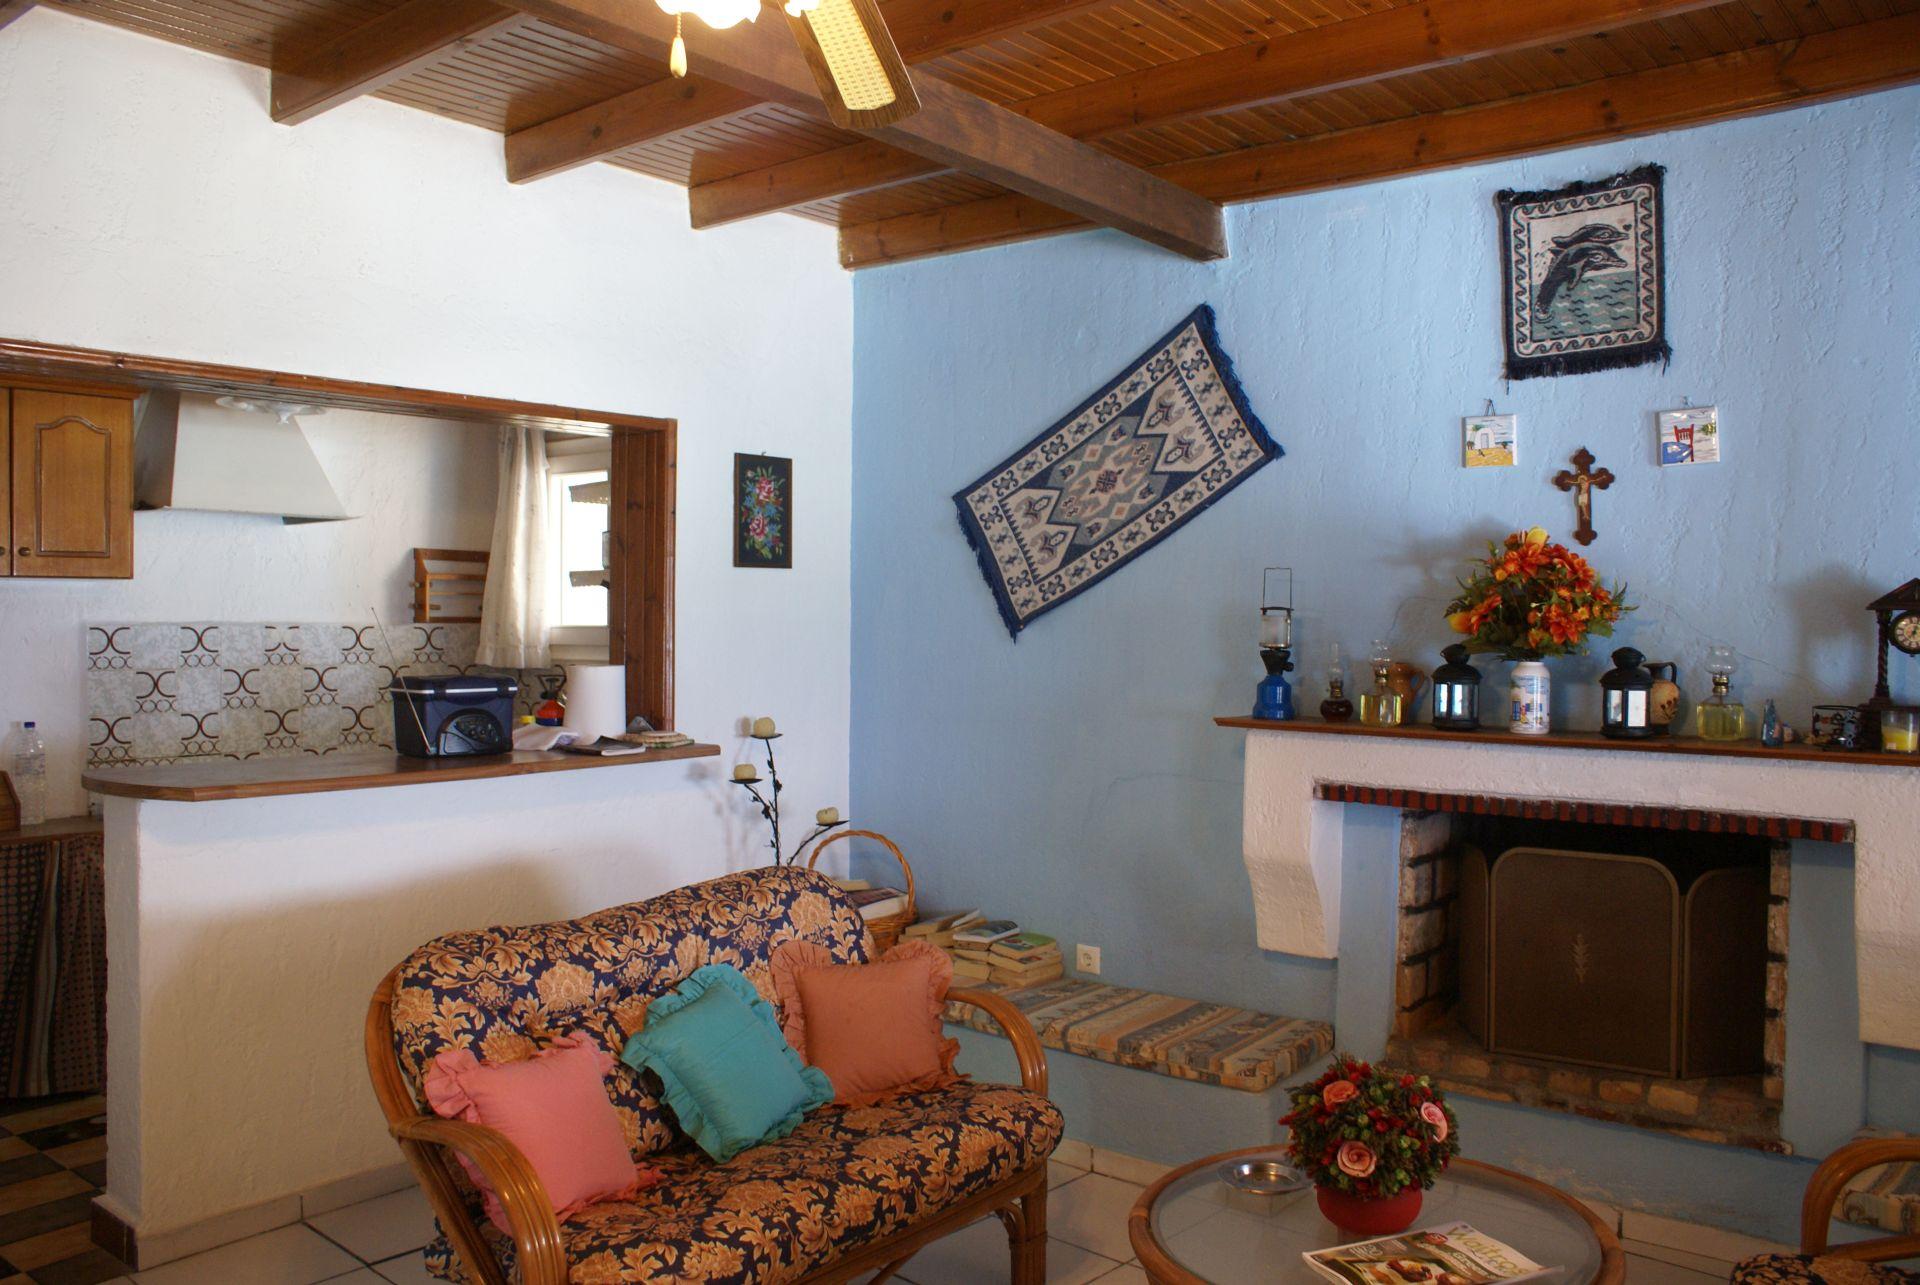 Korfu Ferienhaus Haus am Meer, Dechoumades - Agios Gordis, Korfu, KorfuCorfu